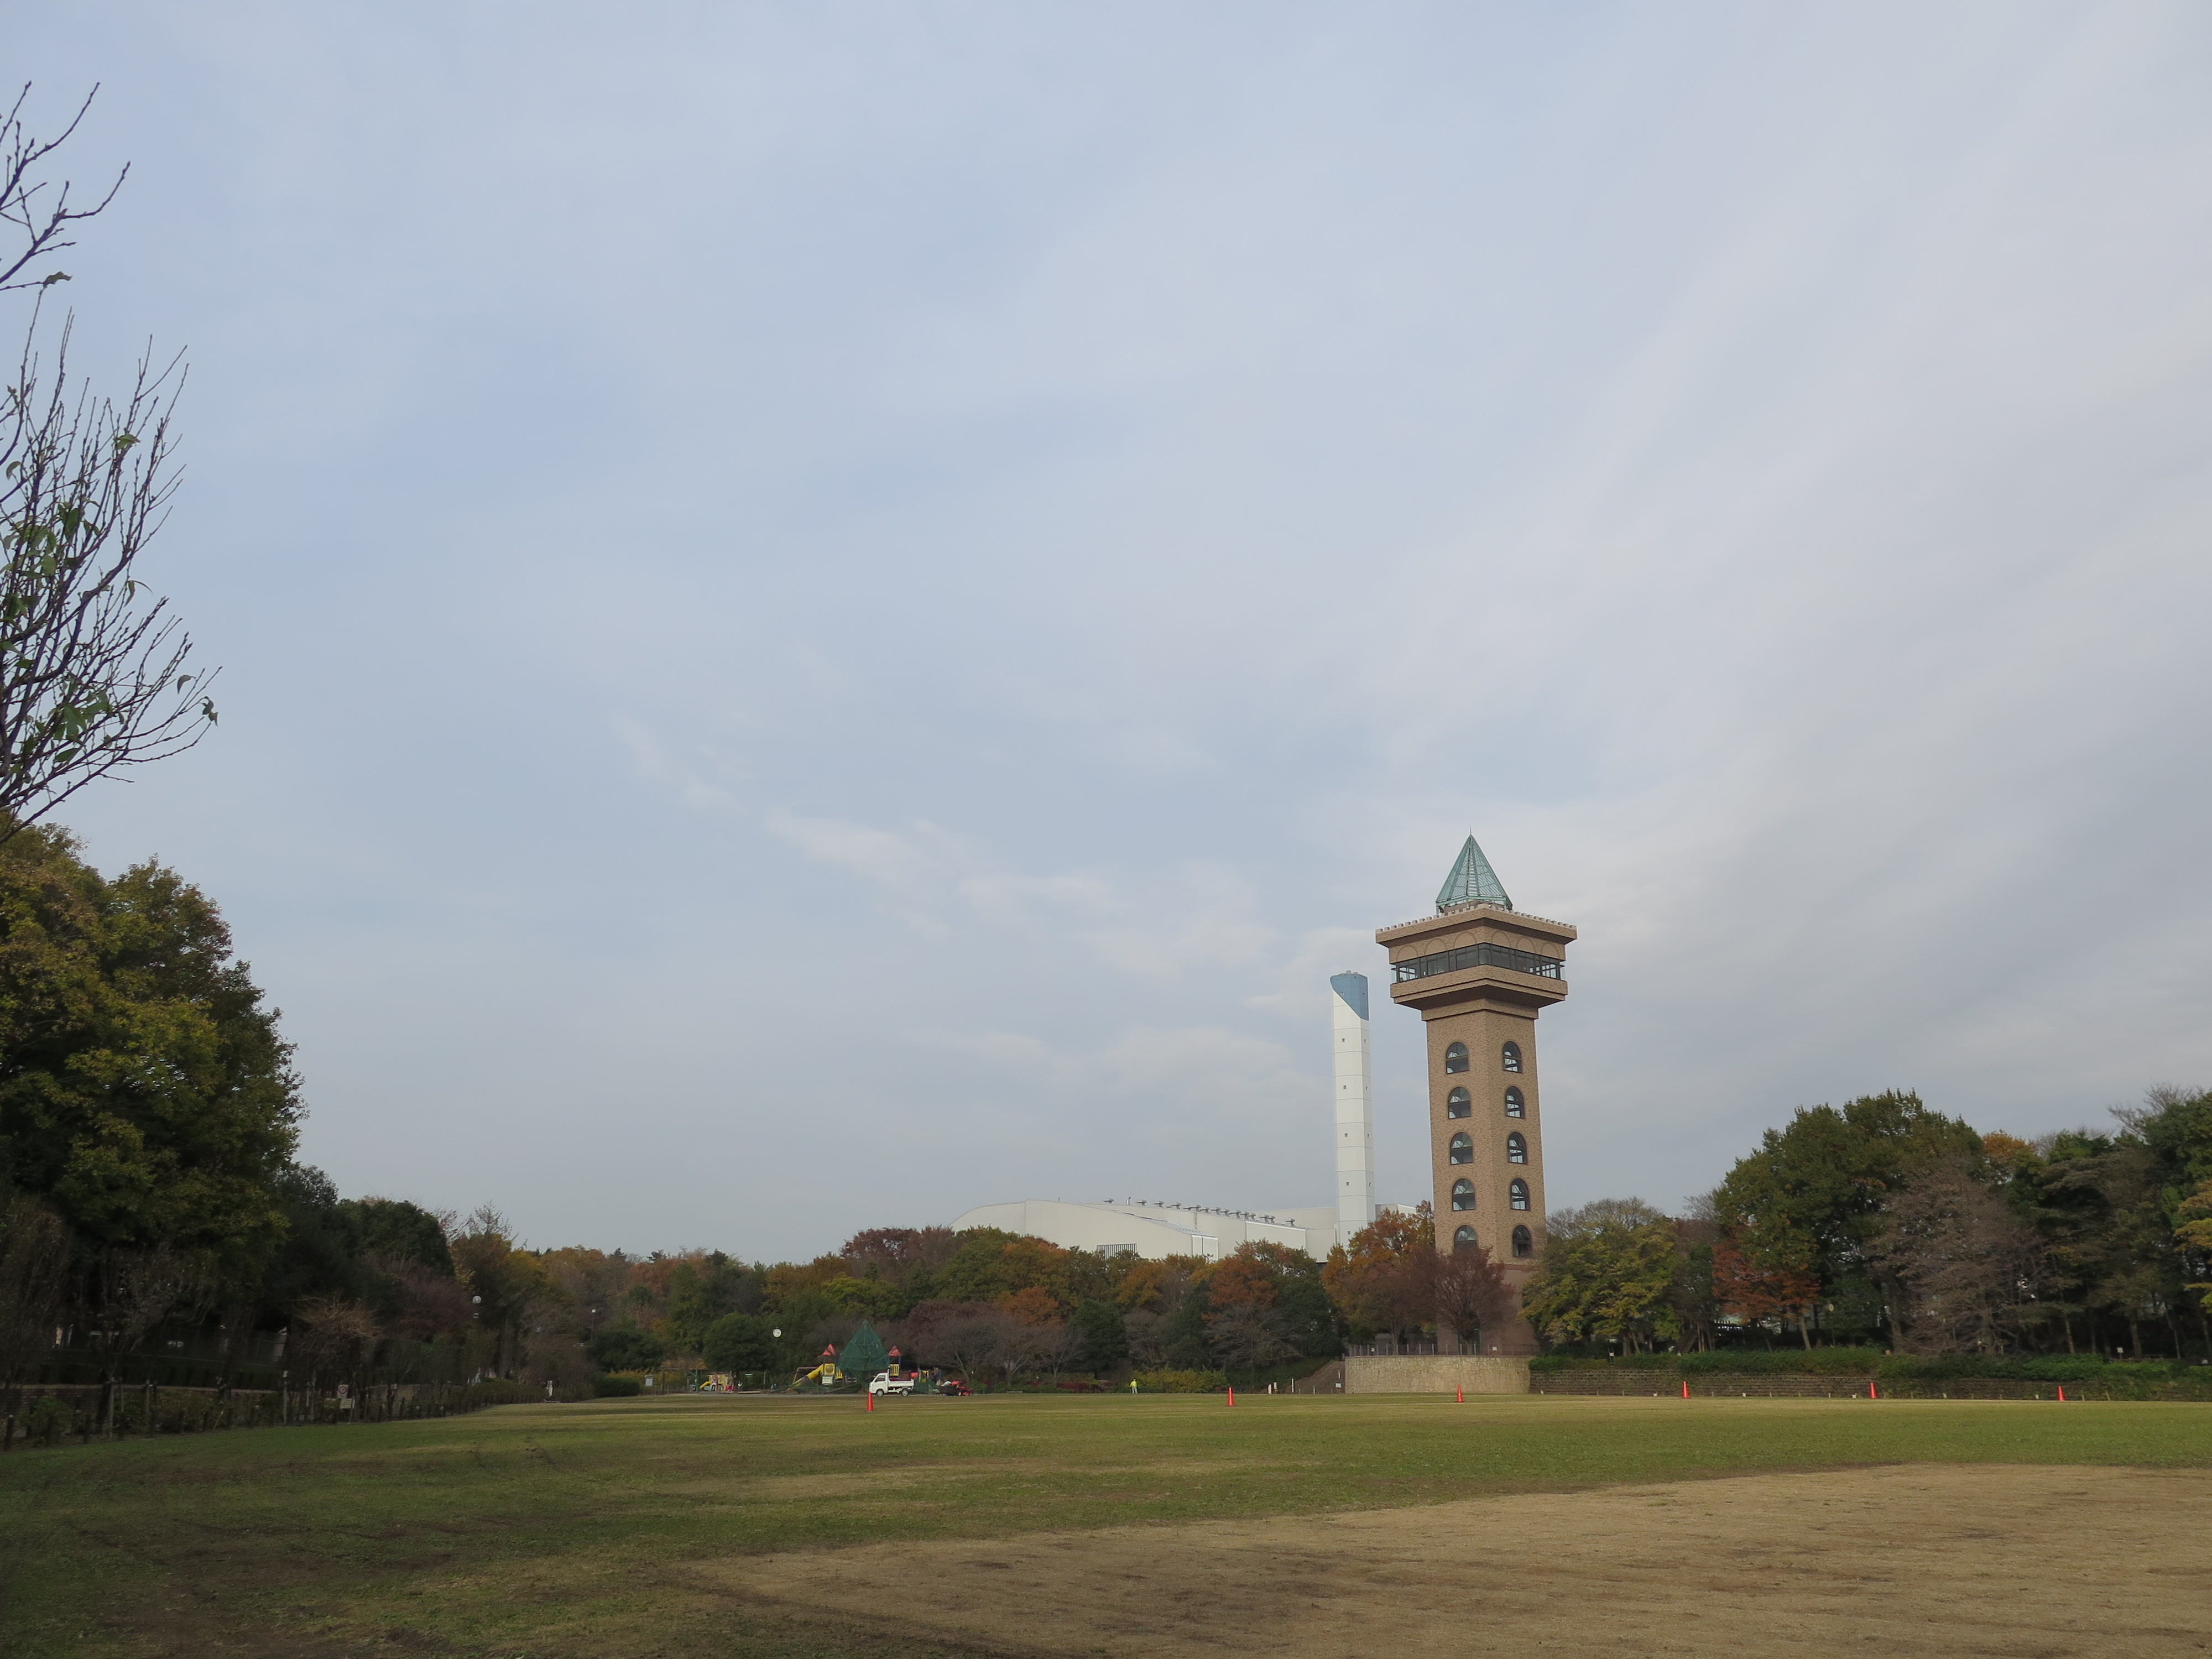 麻溝公園のグリーンタワー。「でいらぼっち」の気分でいろいろ支配下に見下ろせる